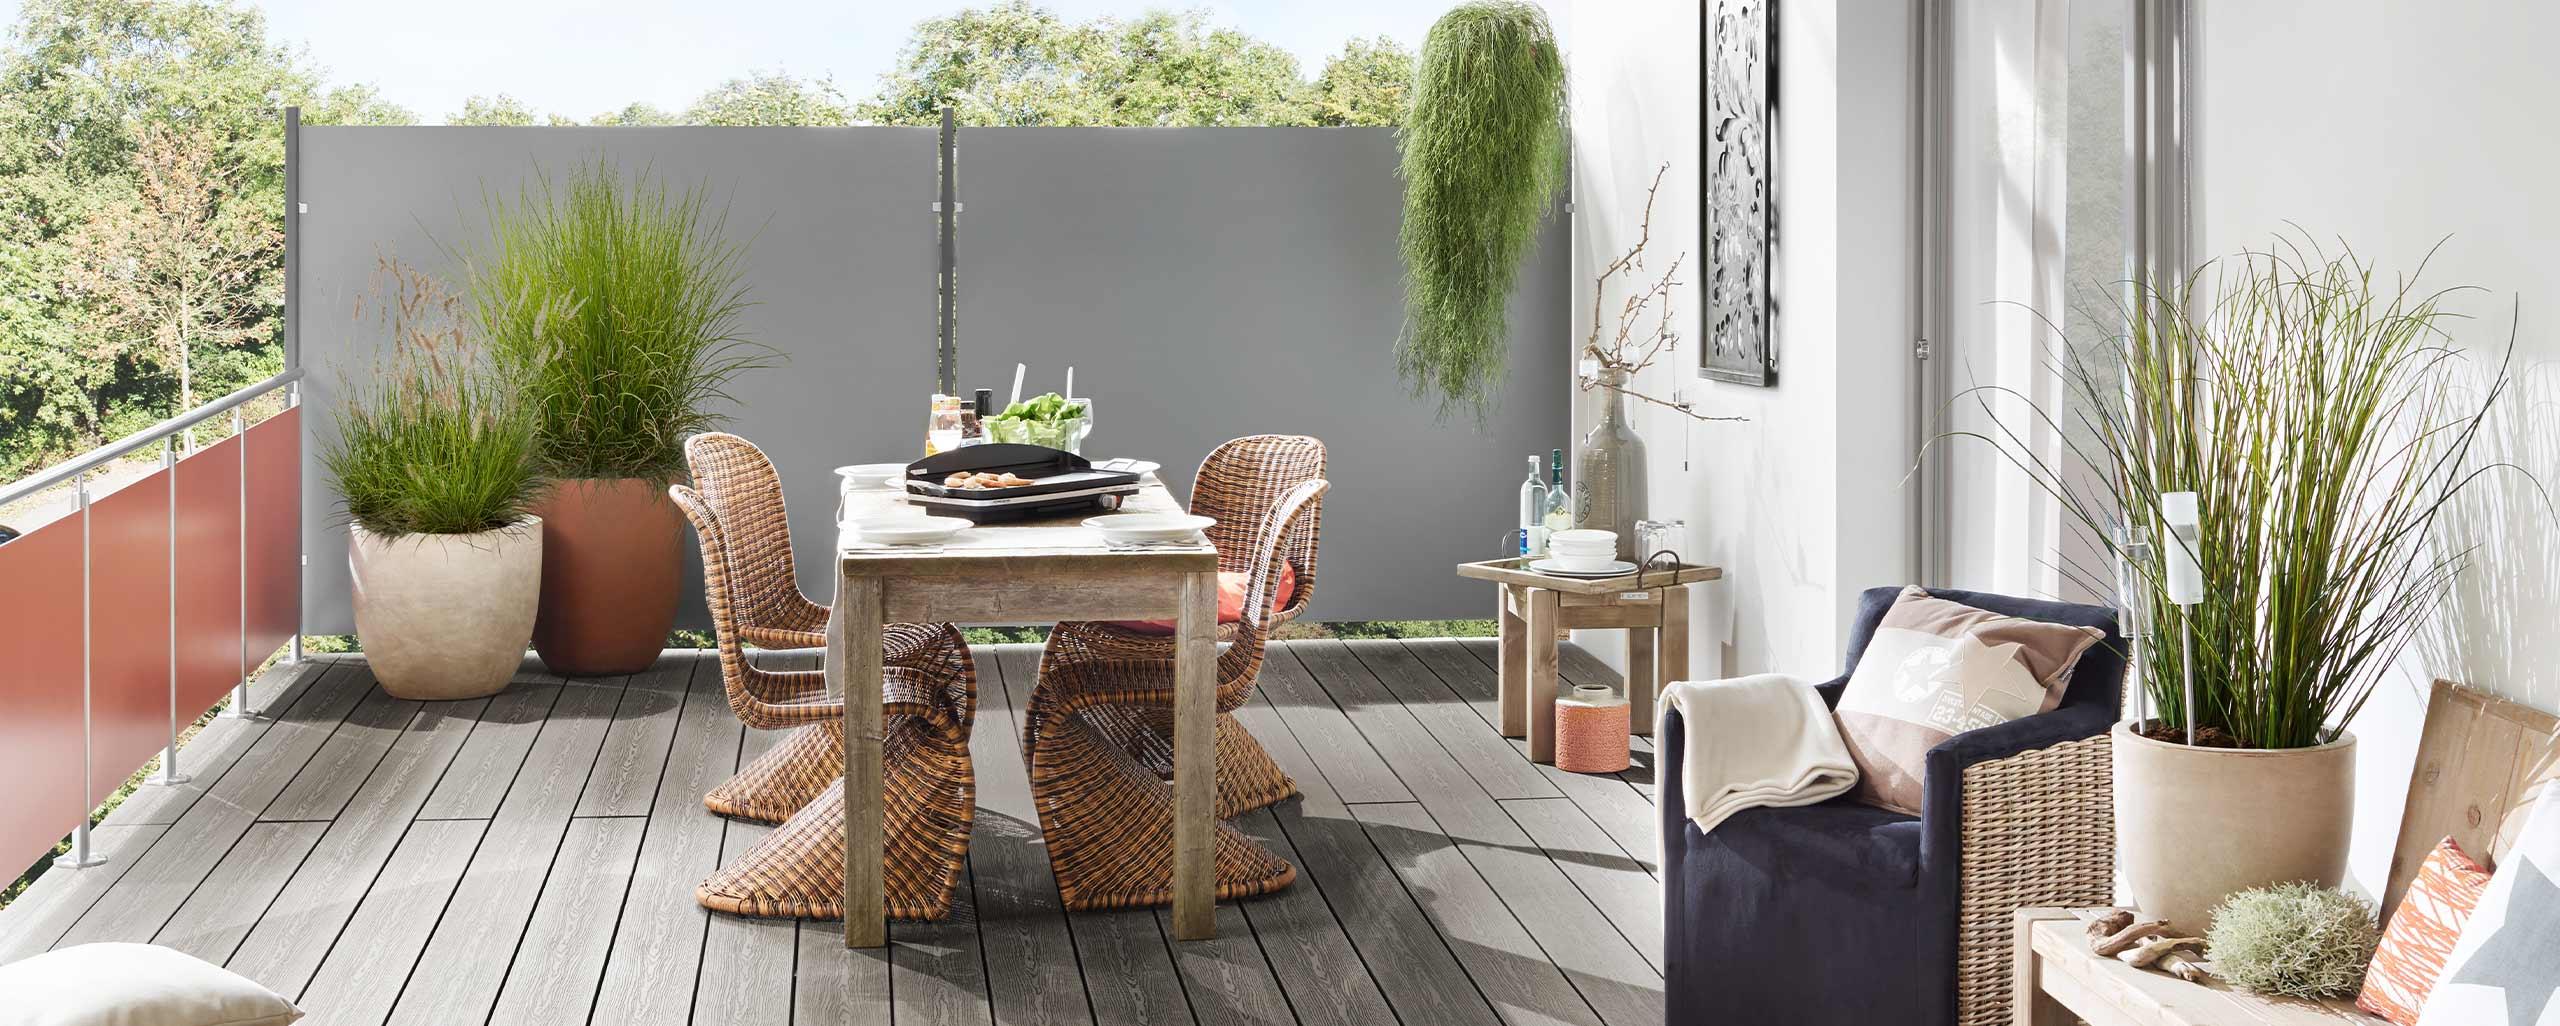 Terrasse und Balkon mit BWE in Unterschleißheim neu gestalten.